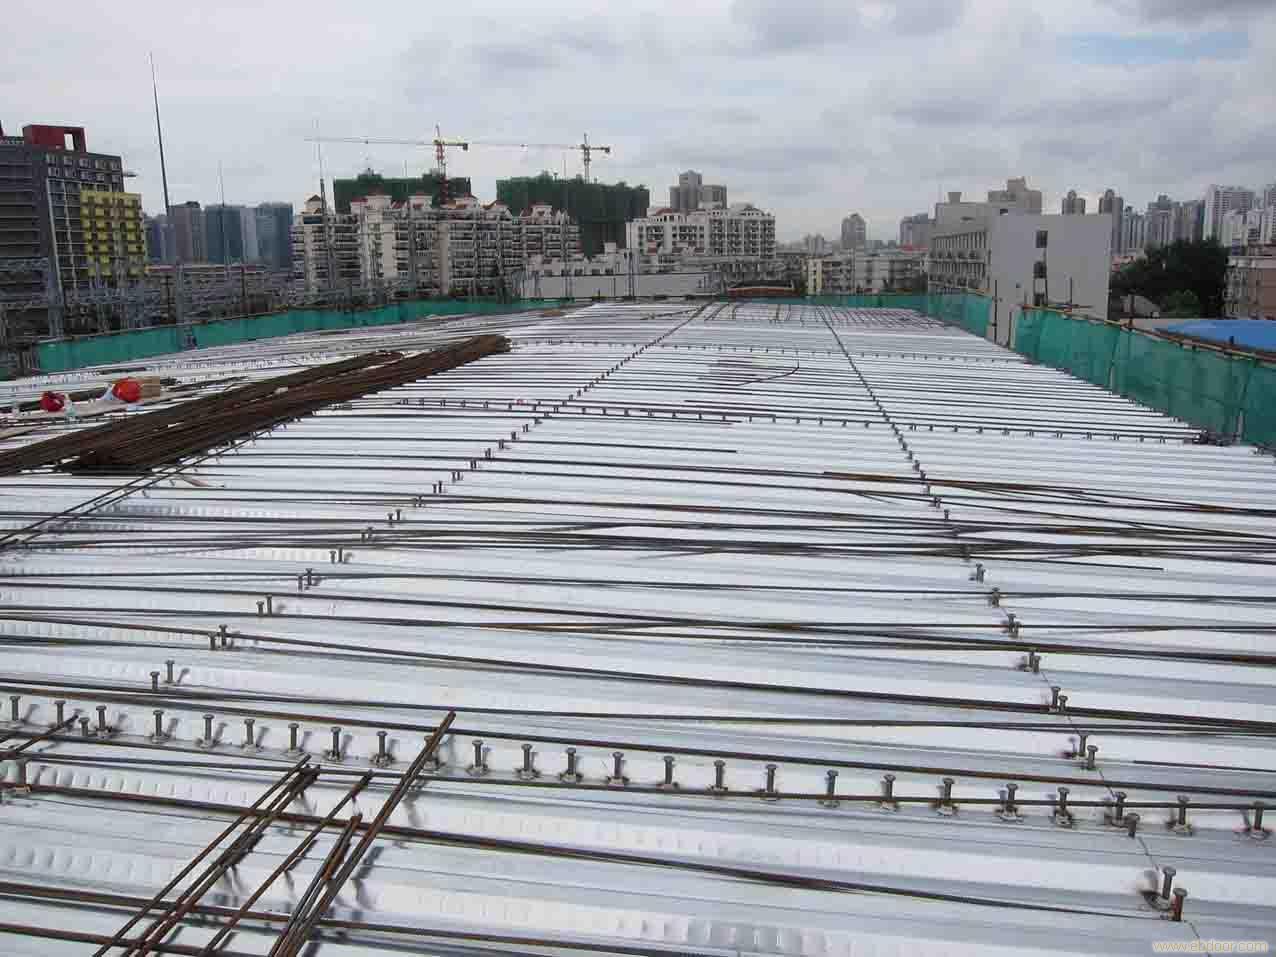 楼承板安装及栓钉的焊接_上海楼承板_楼承板安装